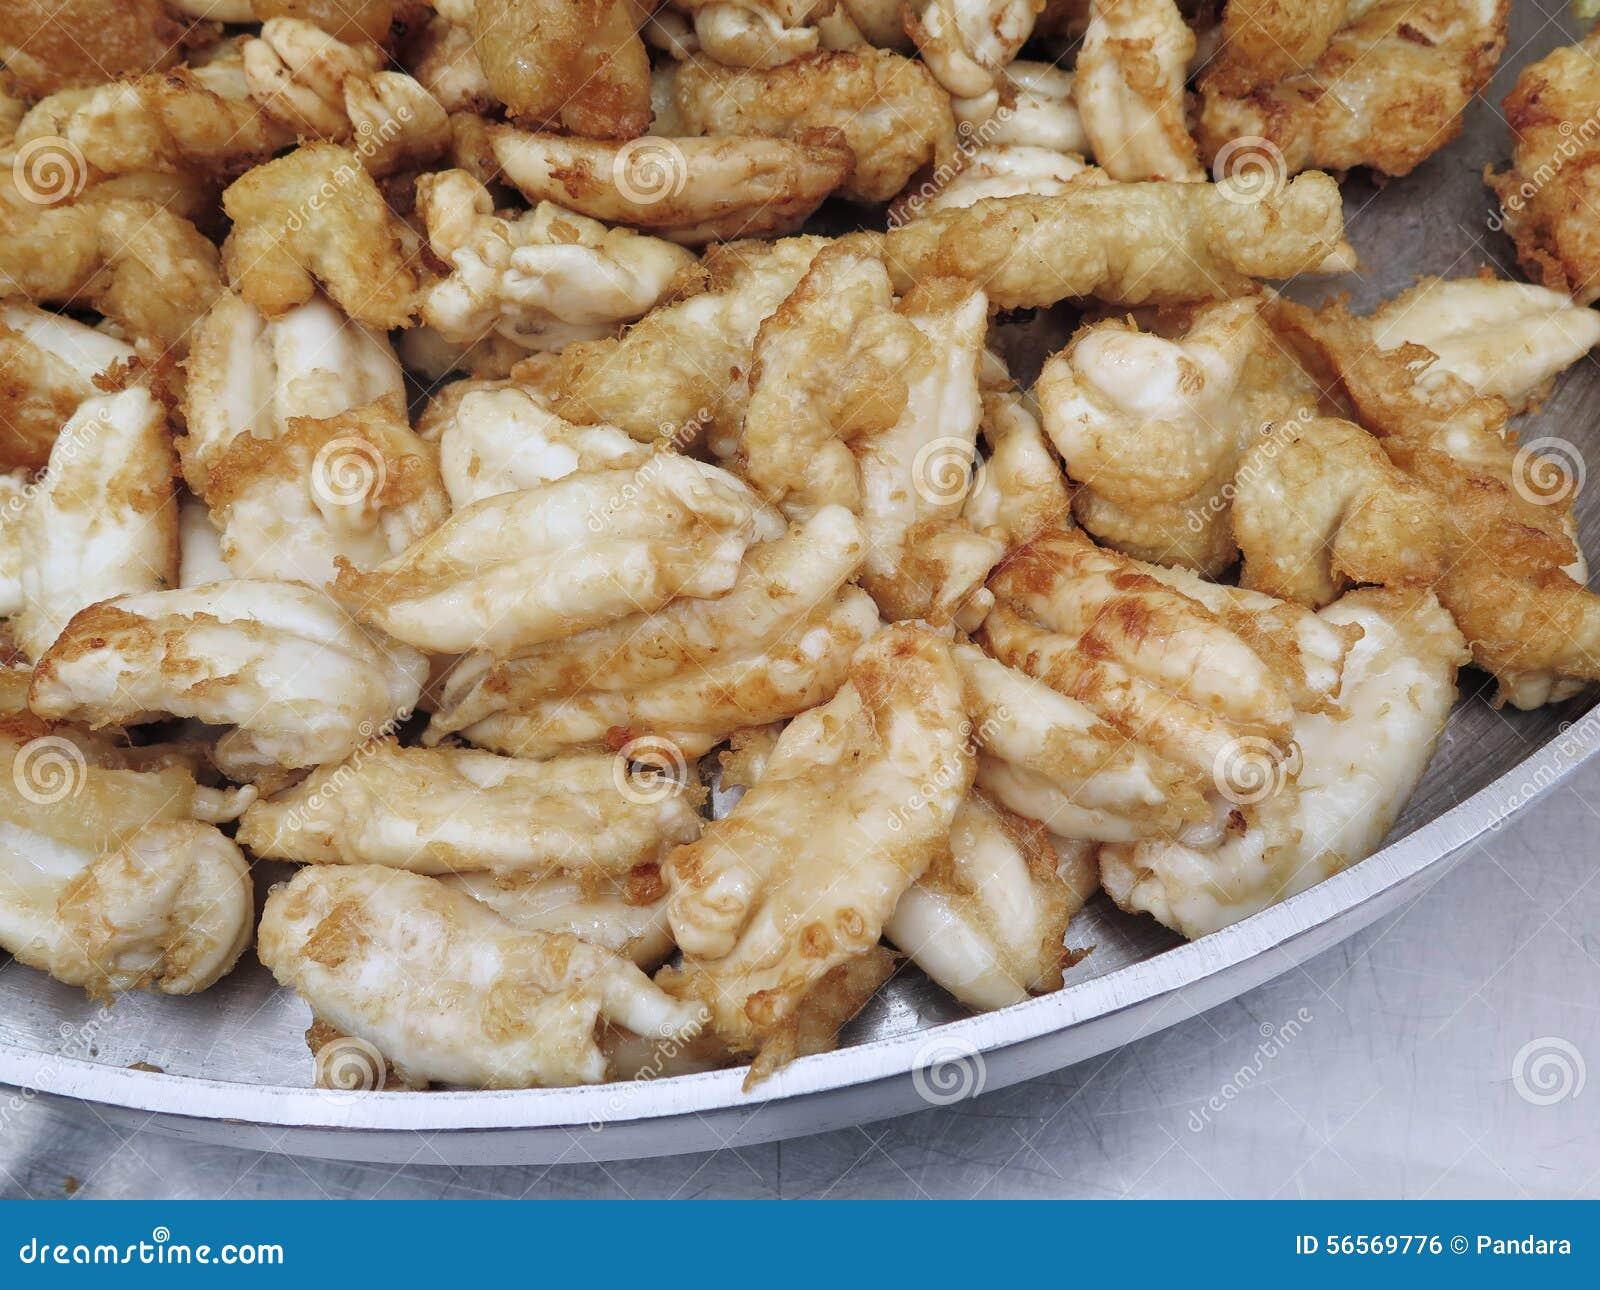 Download Κλειστά επάνω τηγανισμένα αυγά καλαμαριών, ασιατικά τρόφιμα Στοκ Εικόνες - εικόνα από τρόφιμα, καλαμάρι: 56569776